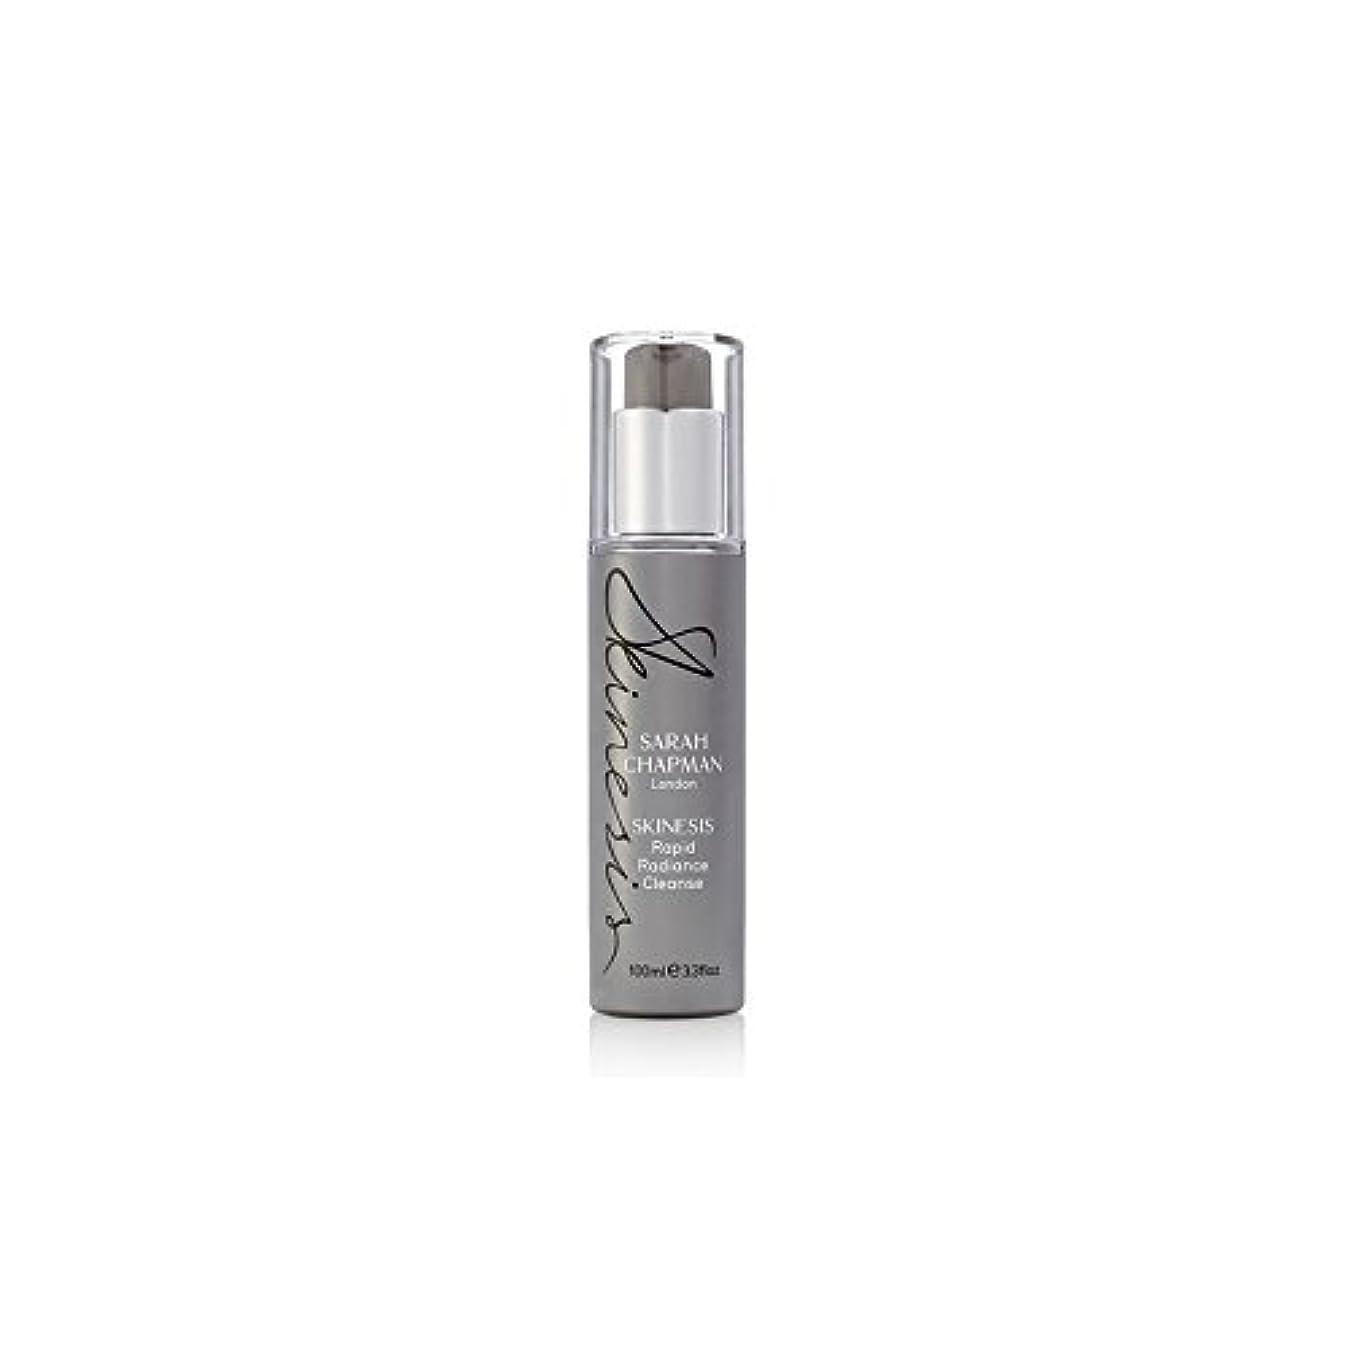 予想するどれでも織るSarah Chapman Skinesis Rapid Radiance Cleanse (100ml) (Pack of 6) - サラ?チャップマン迅速な輝きの浄化(100ミリリットル) x6 [並行輸入品]